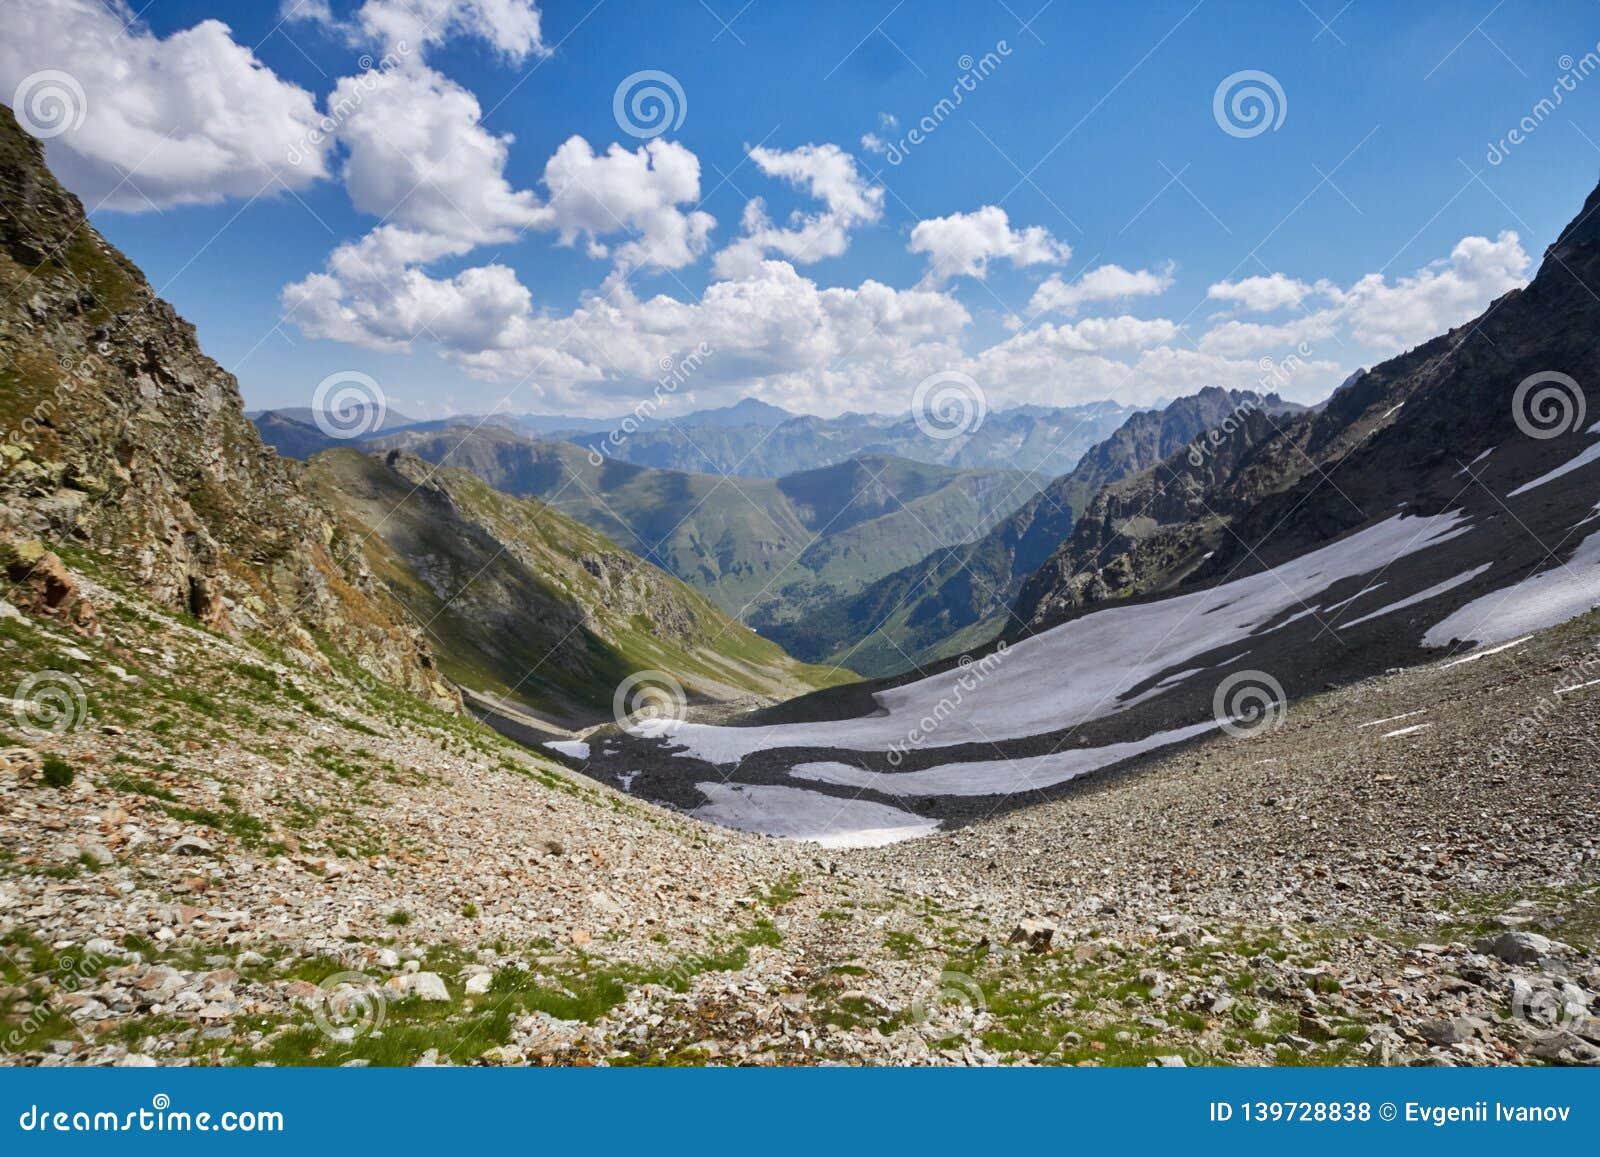 Βουνά Καύκασου λιμνών το καλοκαίρι, η τήξη της λίμνης Arkhyz Sofia κορυφογραμμών παγετώνων Όμορφα υψηλά βουνά της Ρωσίας, σαφής π